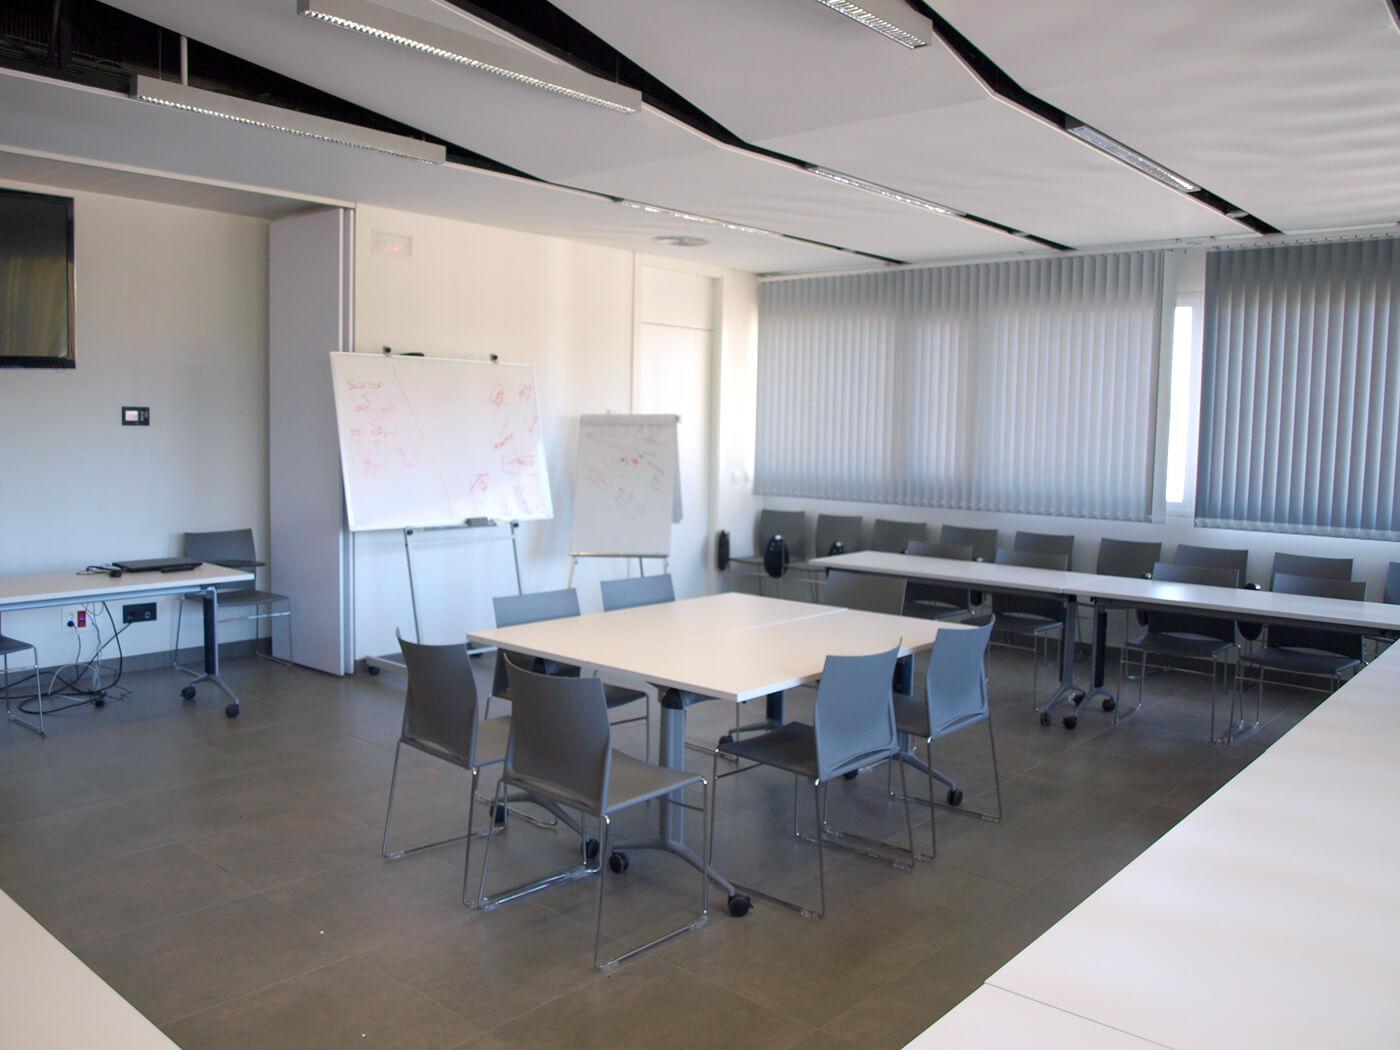 Instalaci n de mobiliario de oficina en aimplas - Mobiliario oficina ocasion ...